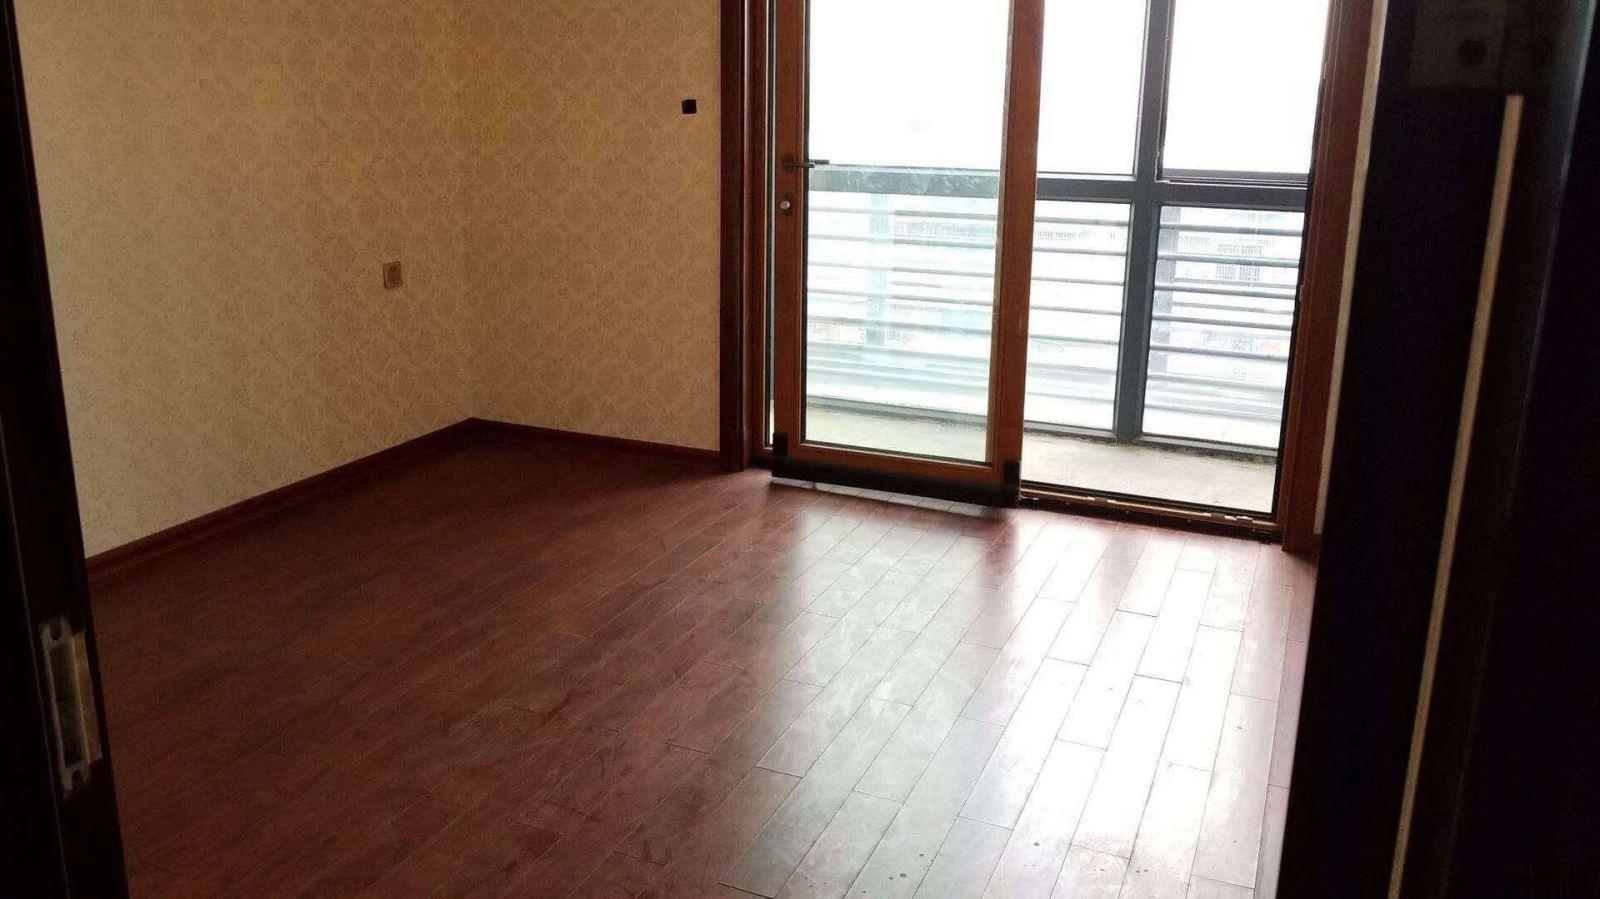 宾王中小学 中厦国际108平舒适两房 好楼层带电梯235万